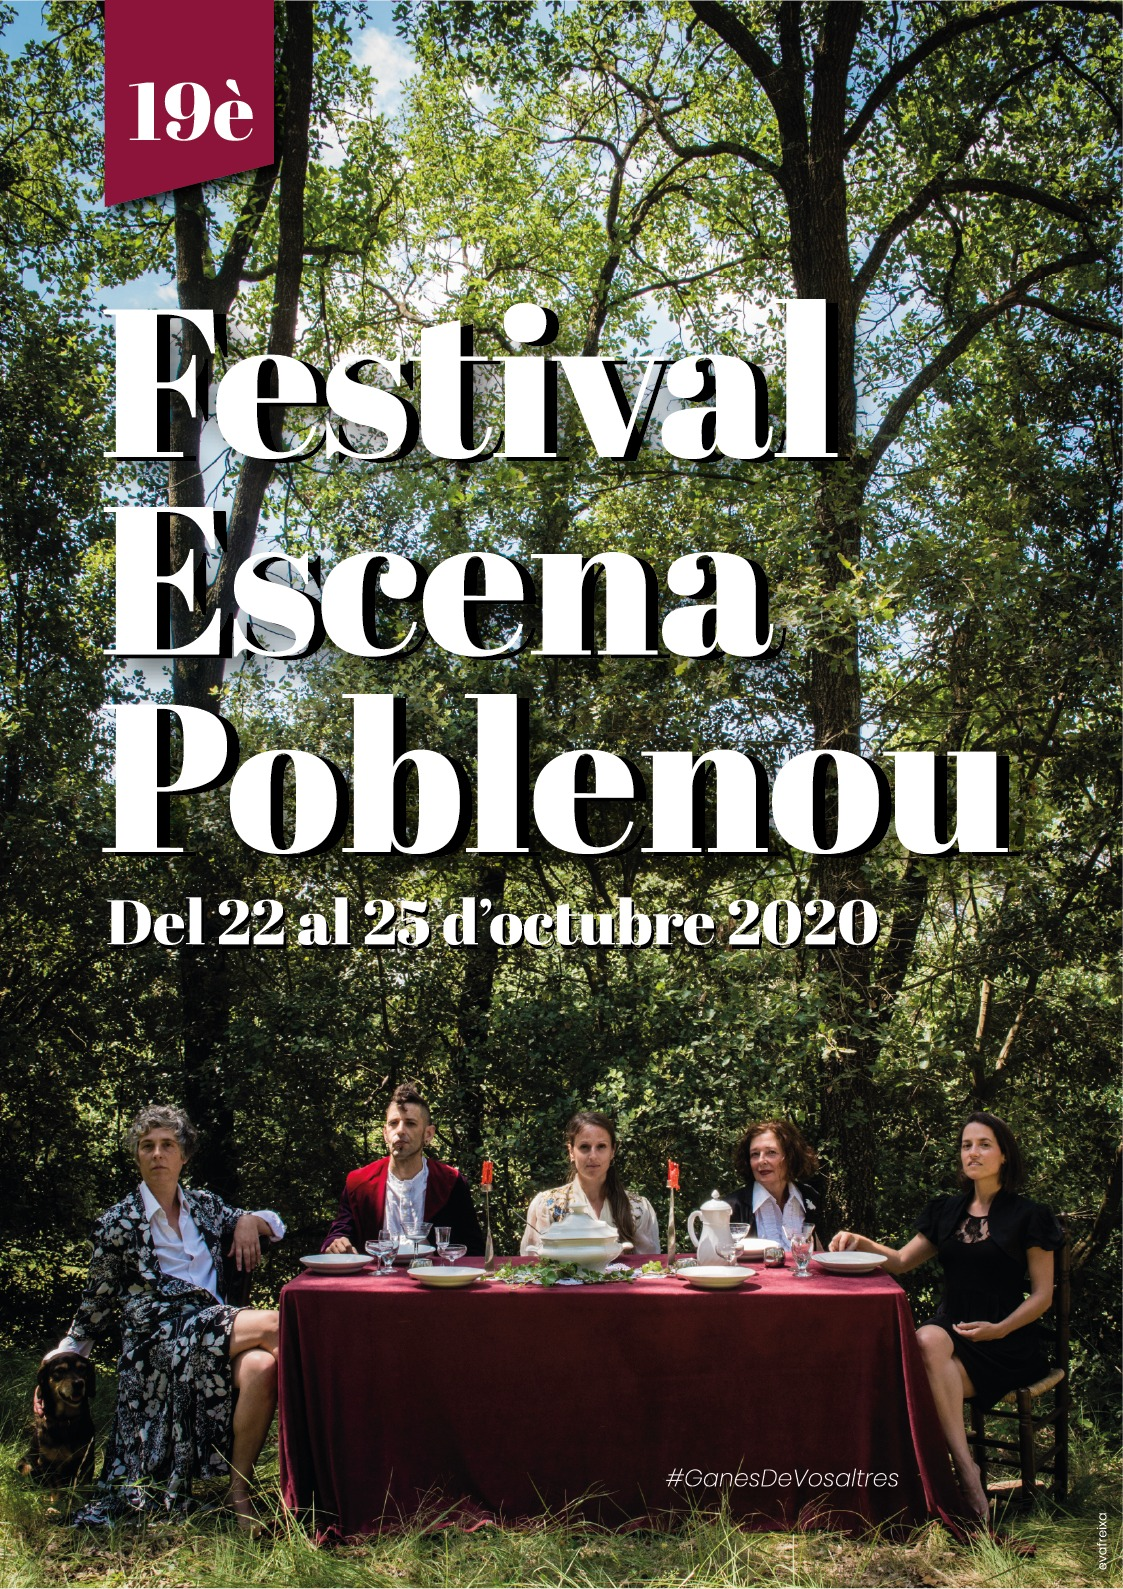 EscenaPoblenou-noticia-030920-4